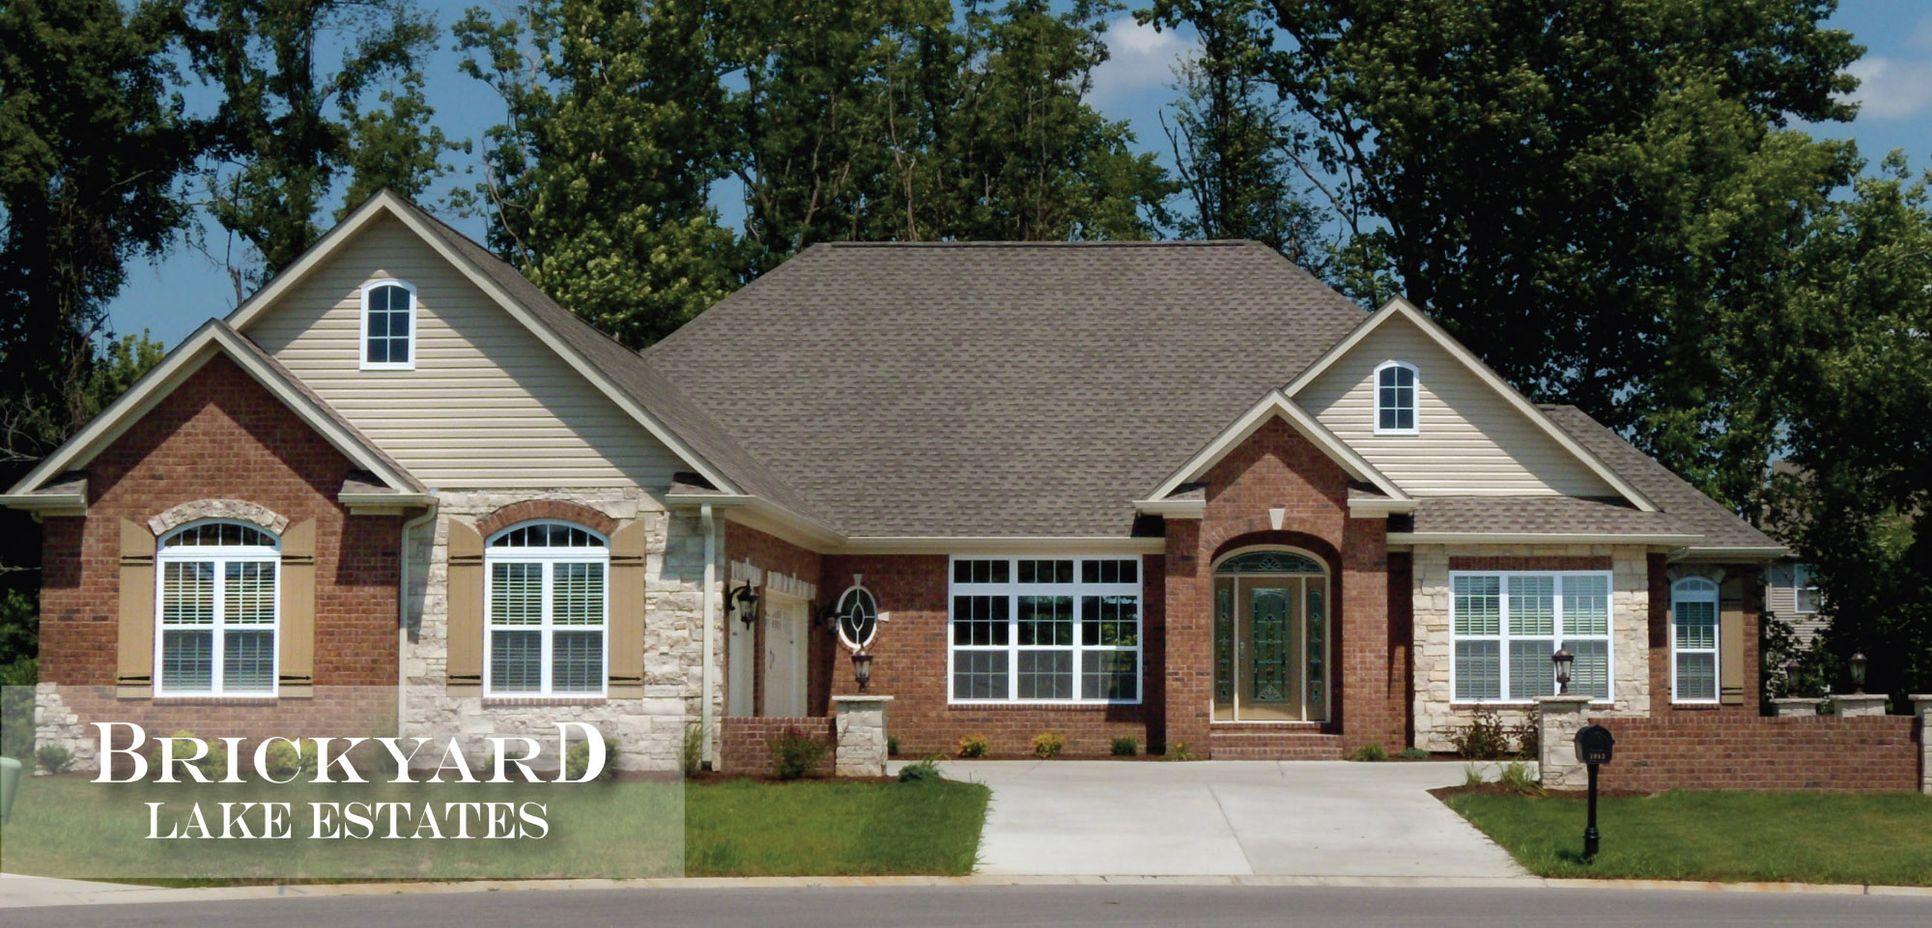 Brickyard Lake Estate,62258